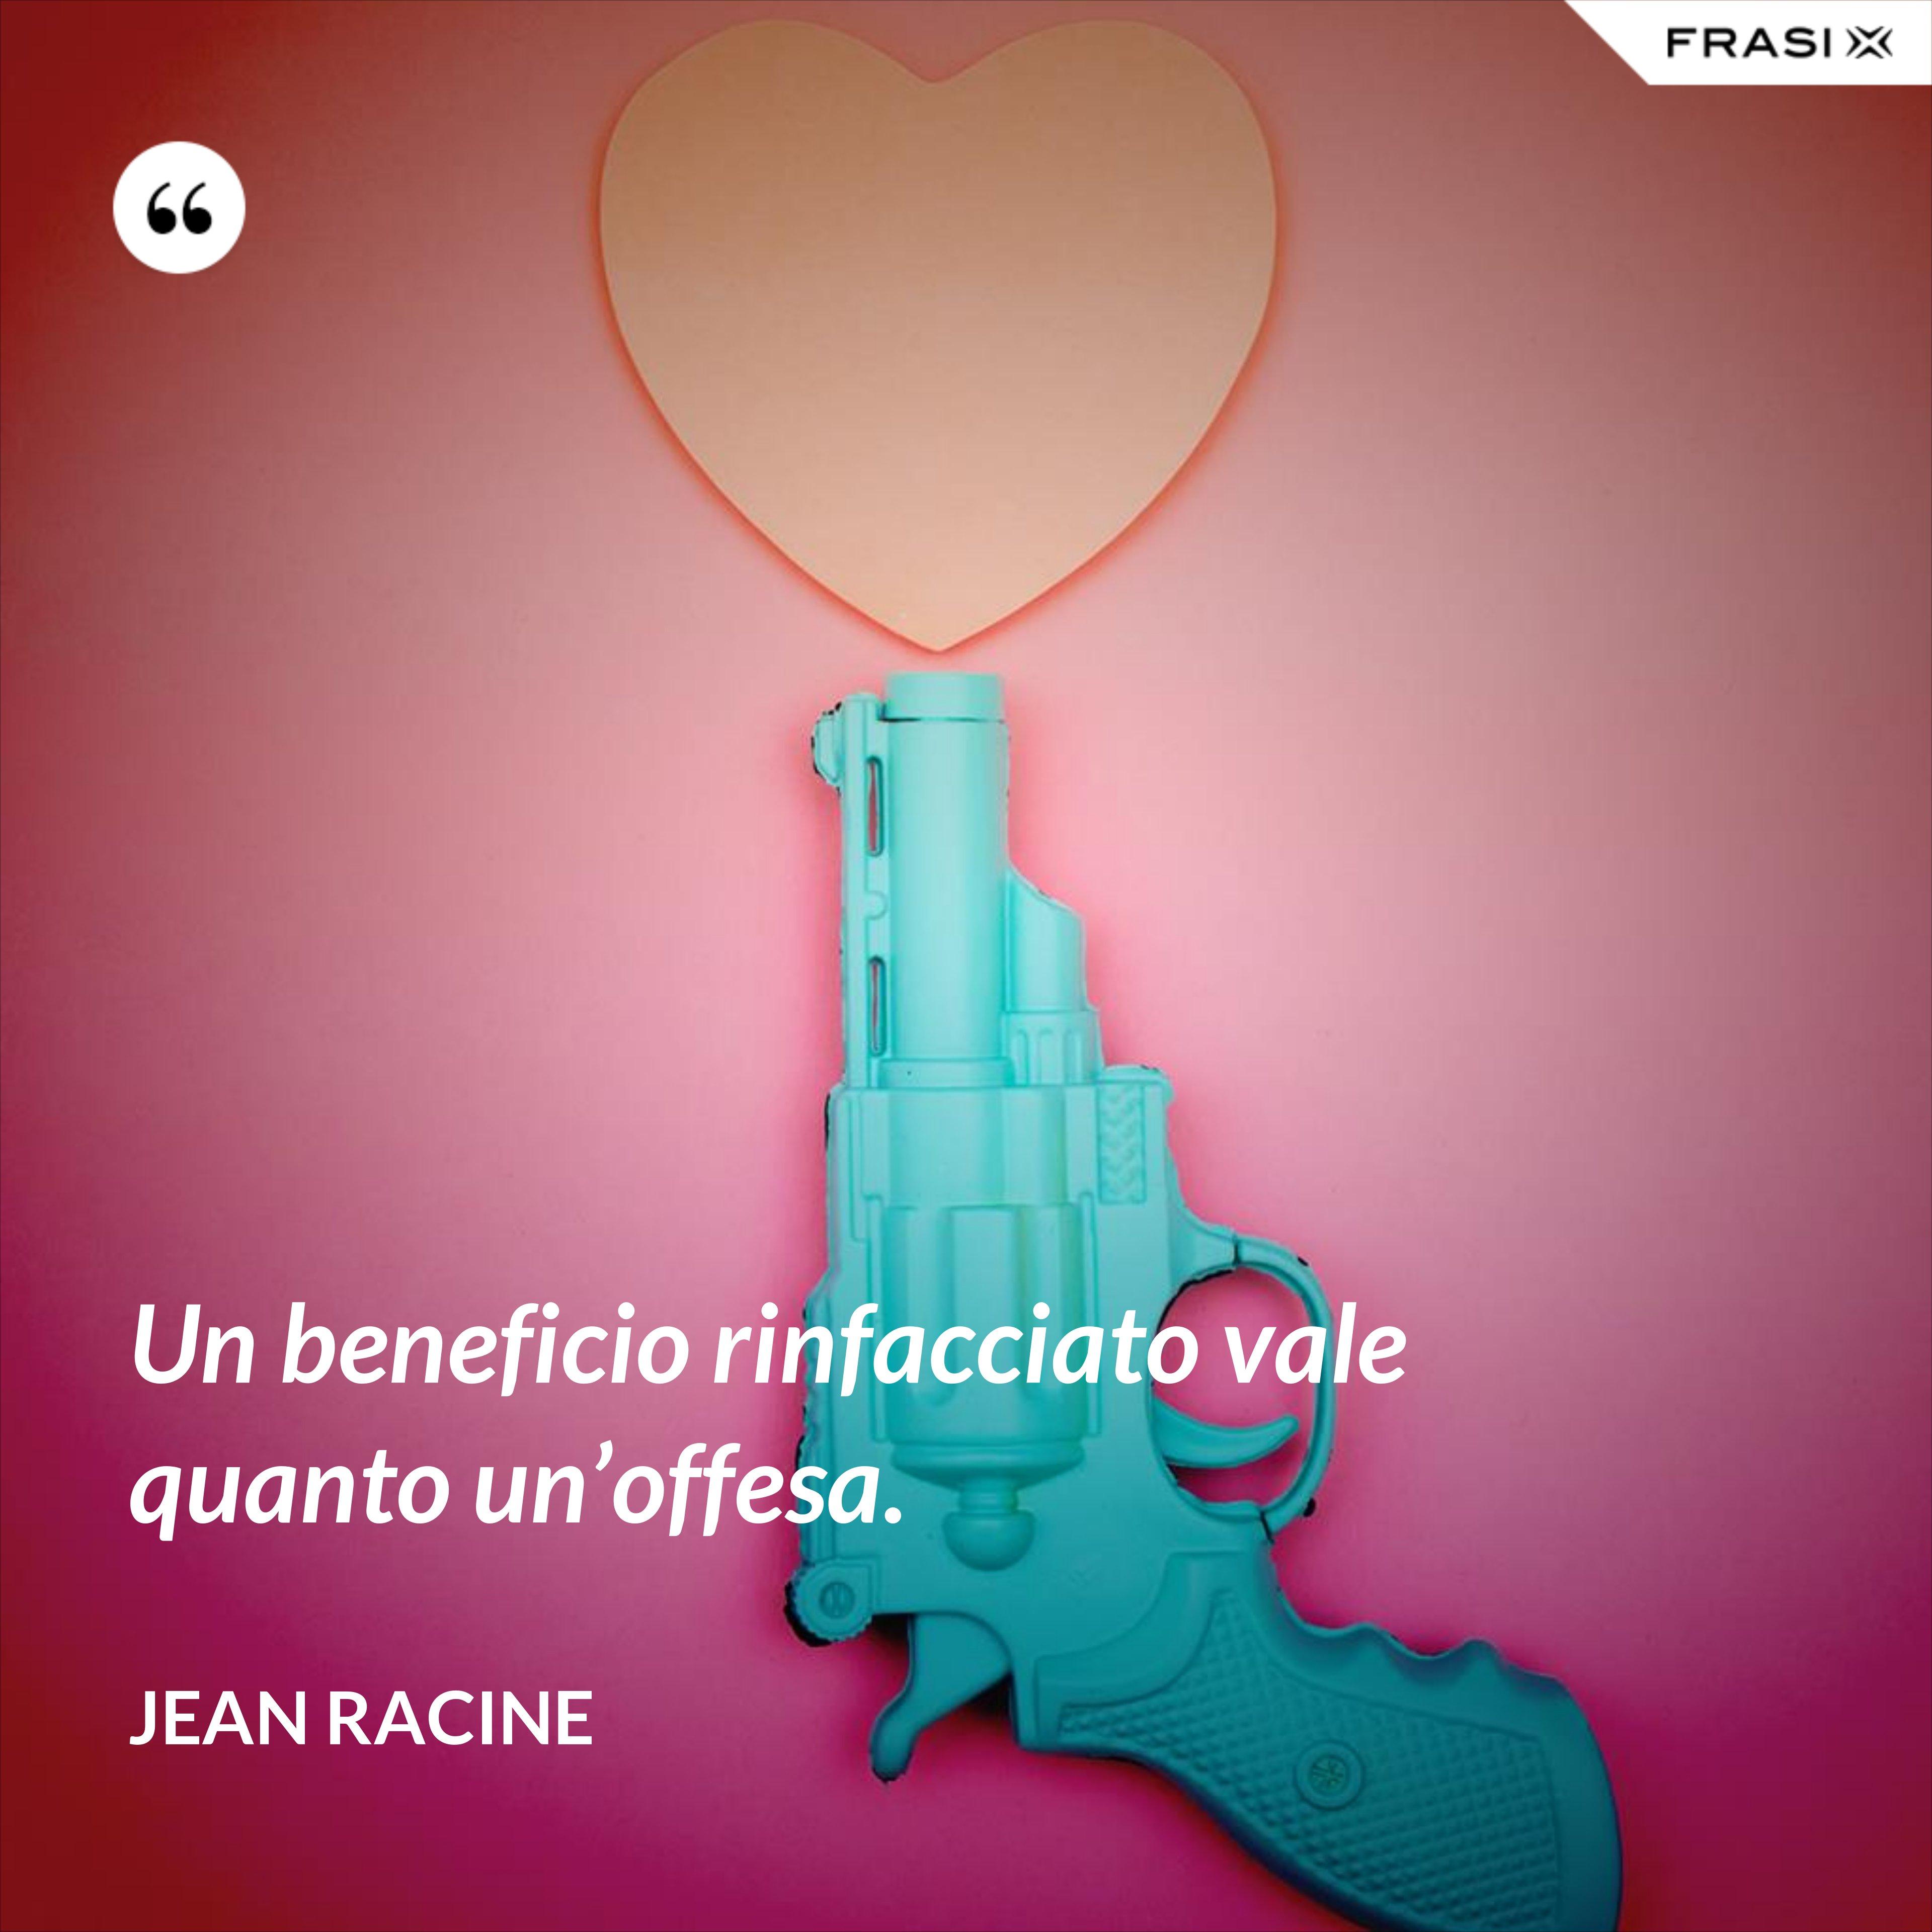 Un beneficio rinfacciato vale quanto un'offesa. - Jean Racine